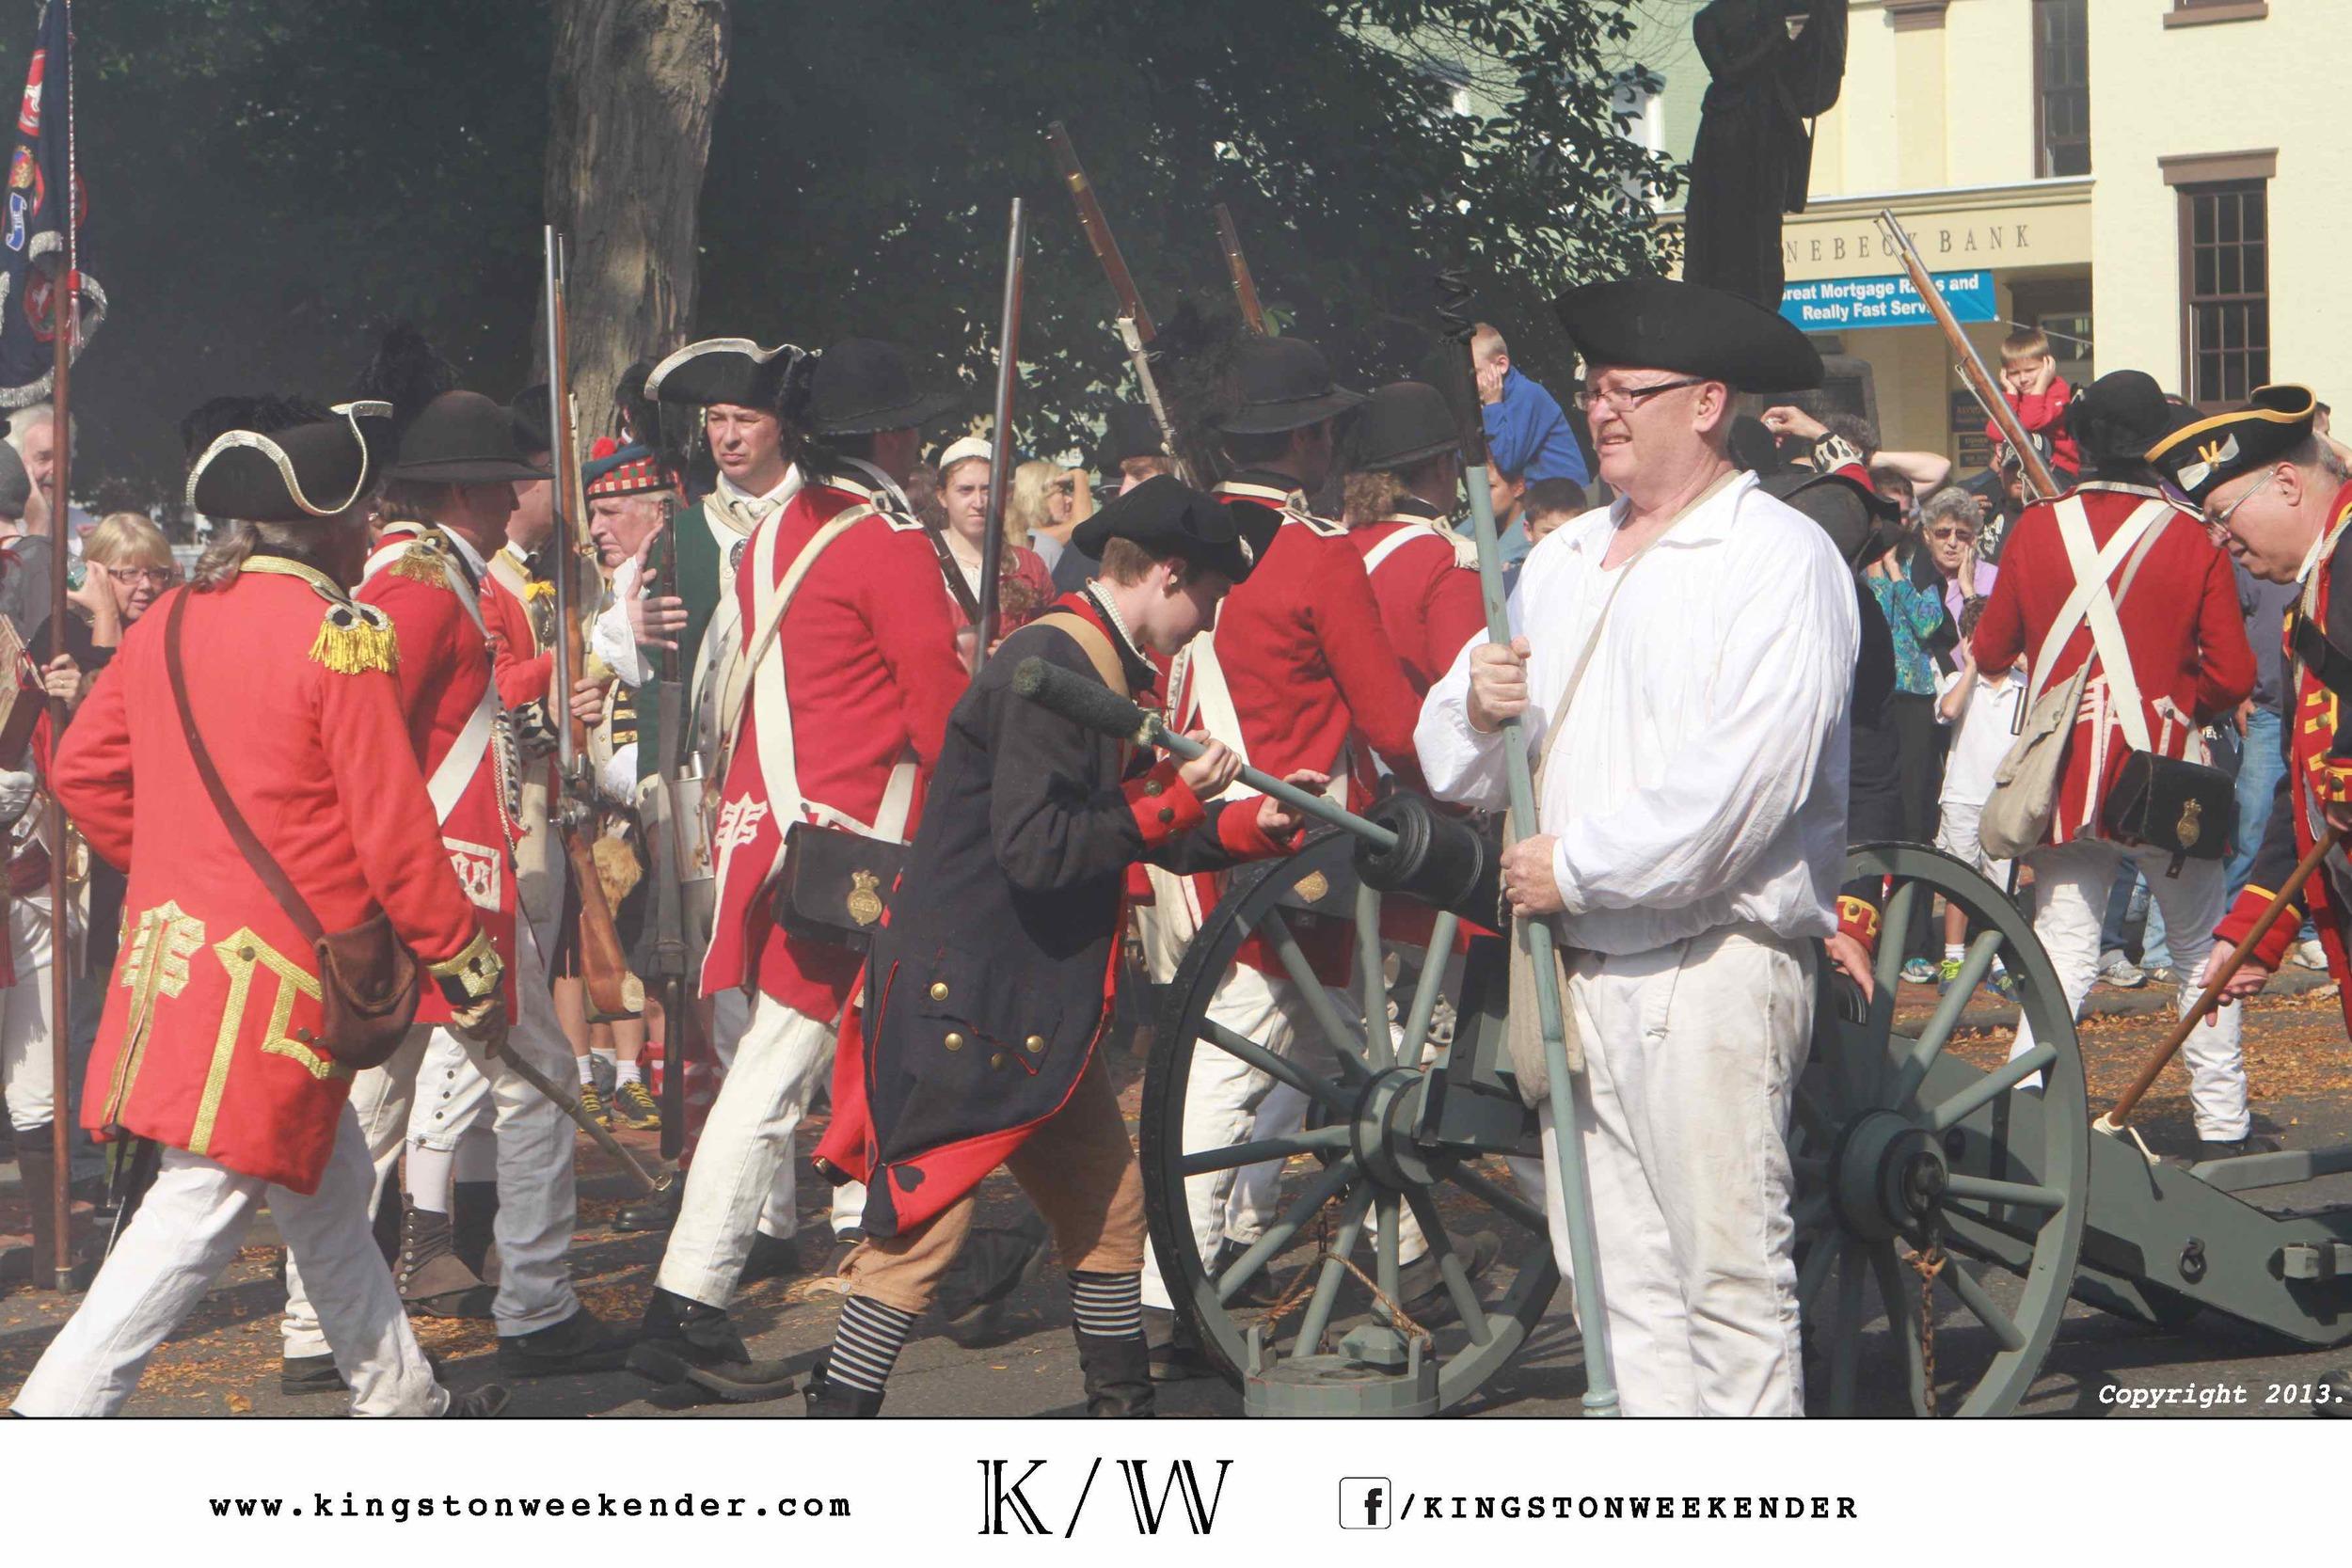 kingston-weekender-photo-credits23.jpg